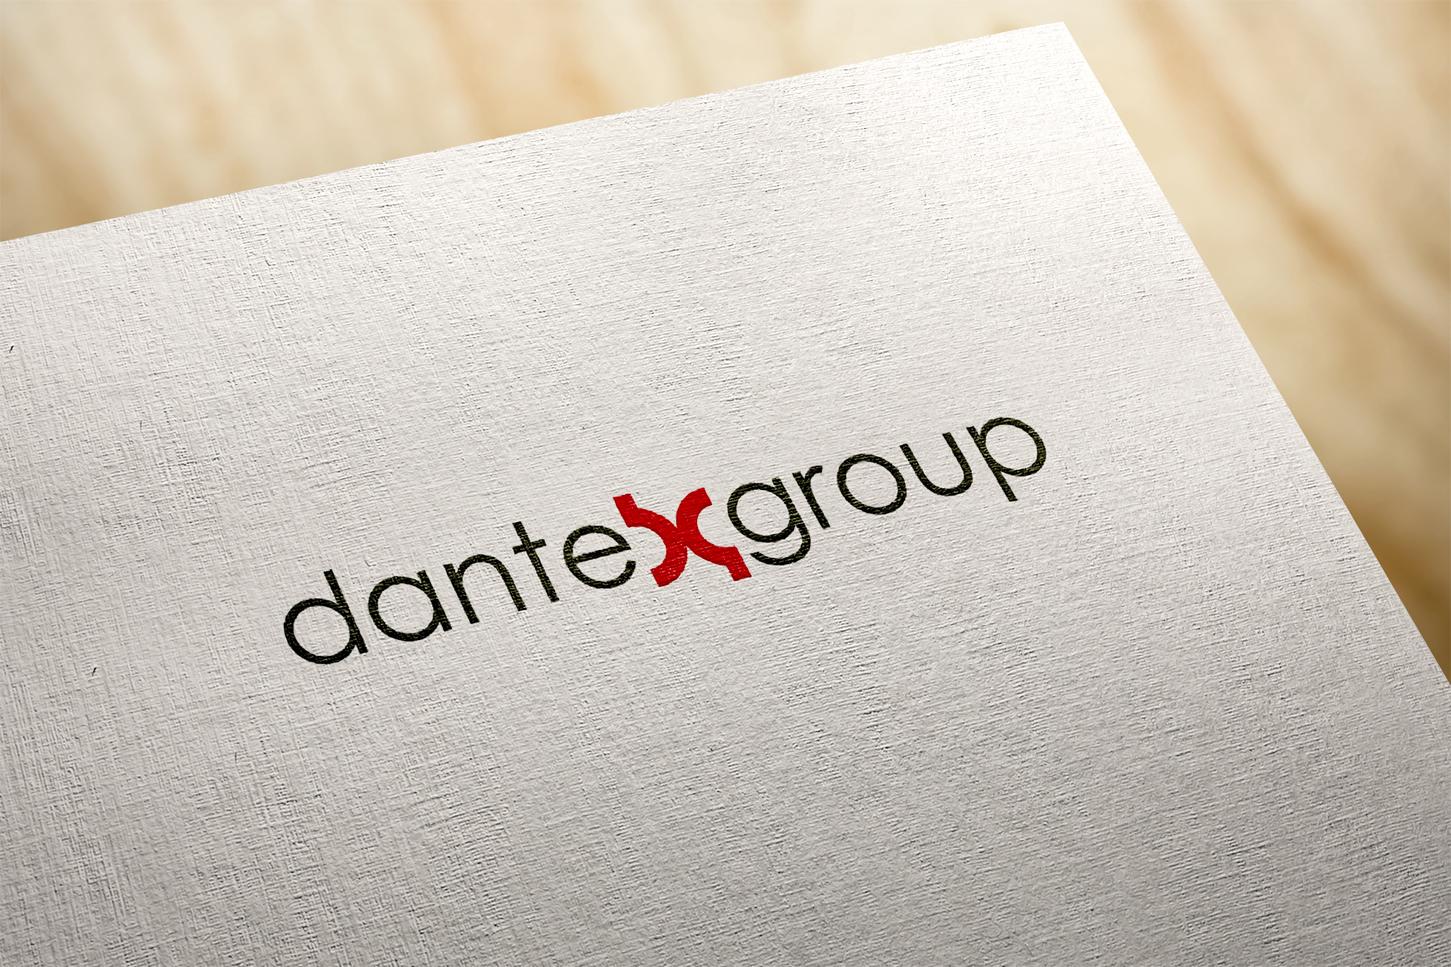 Конкурс на разработку логотипа для компании Dantex Group  фото f_7905bff8dbf75729.jpg